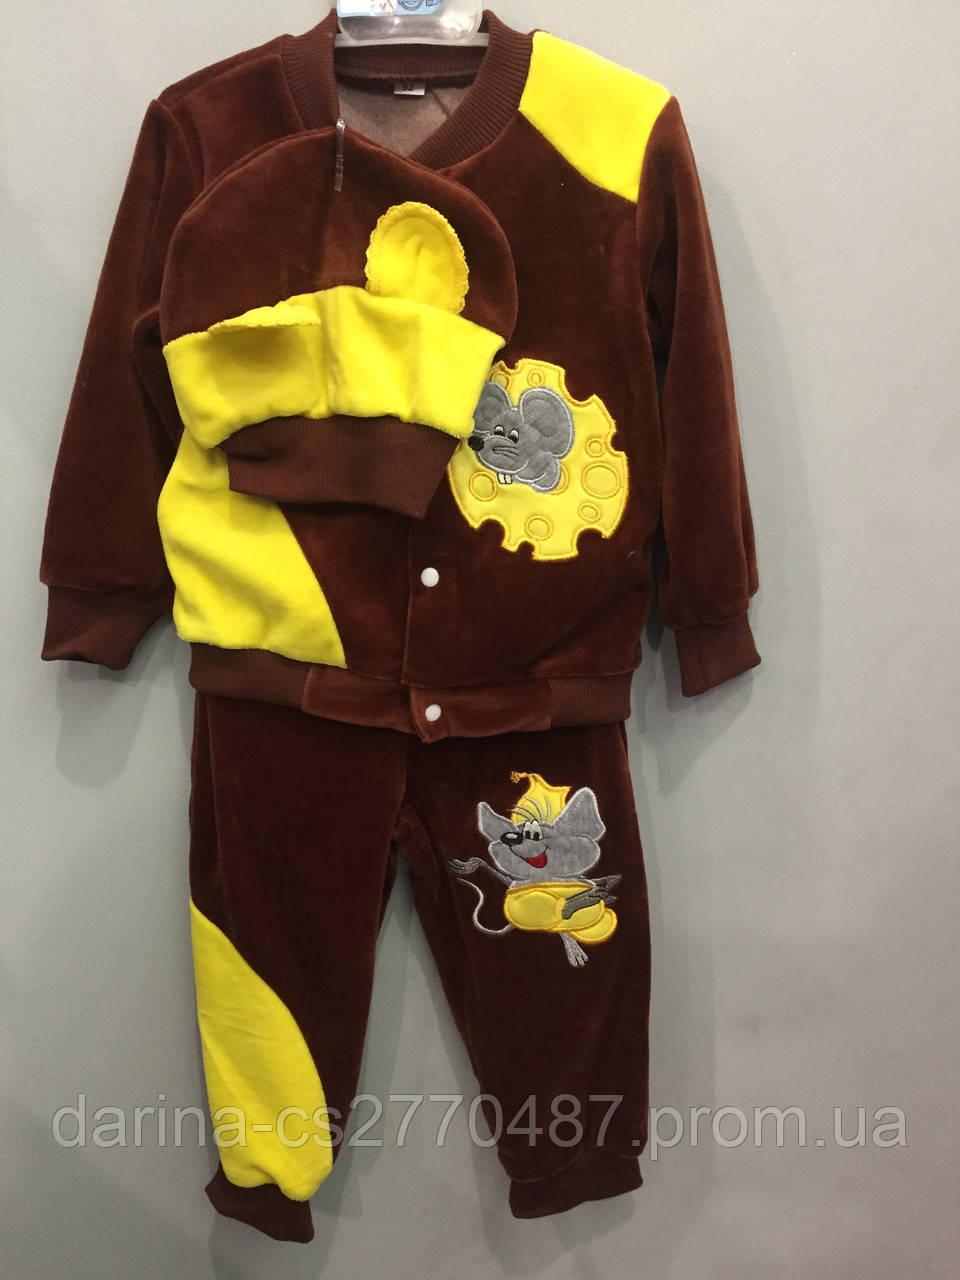 Детский велюровый костюм для мальчика с мышкой